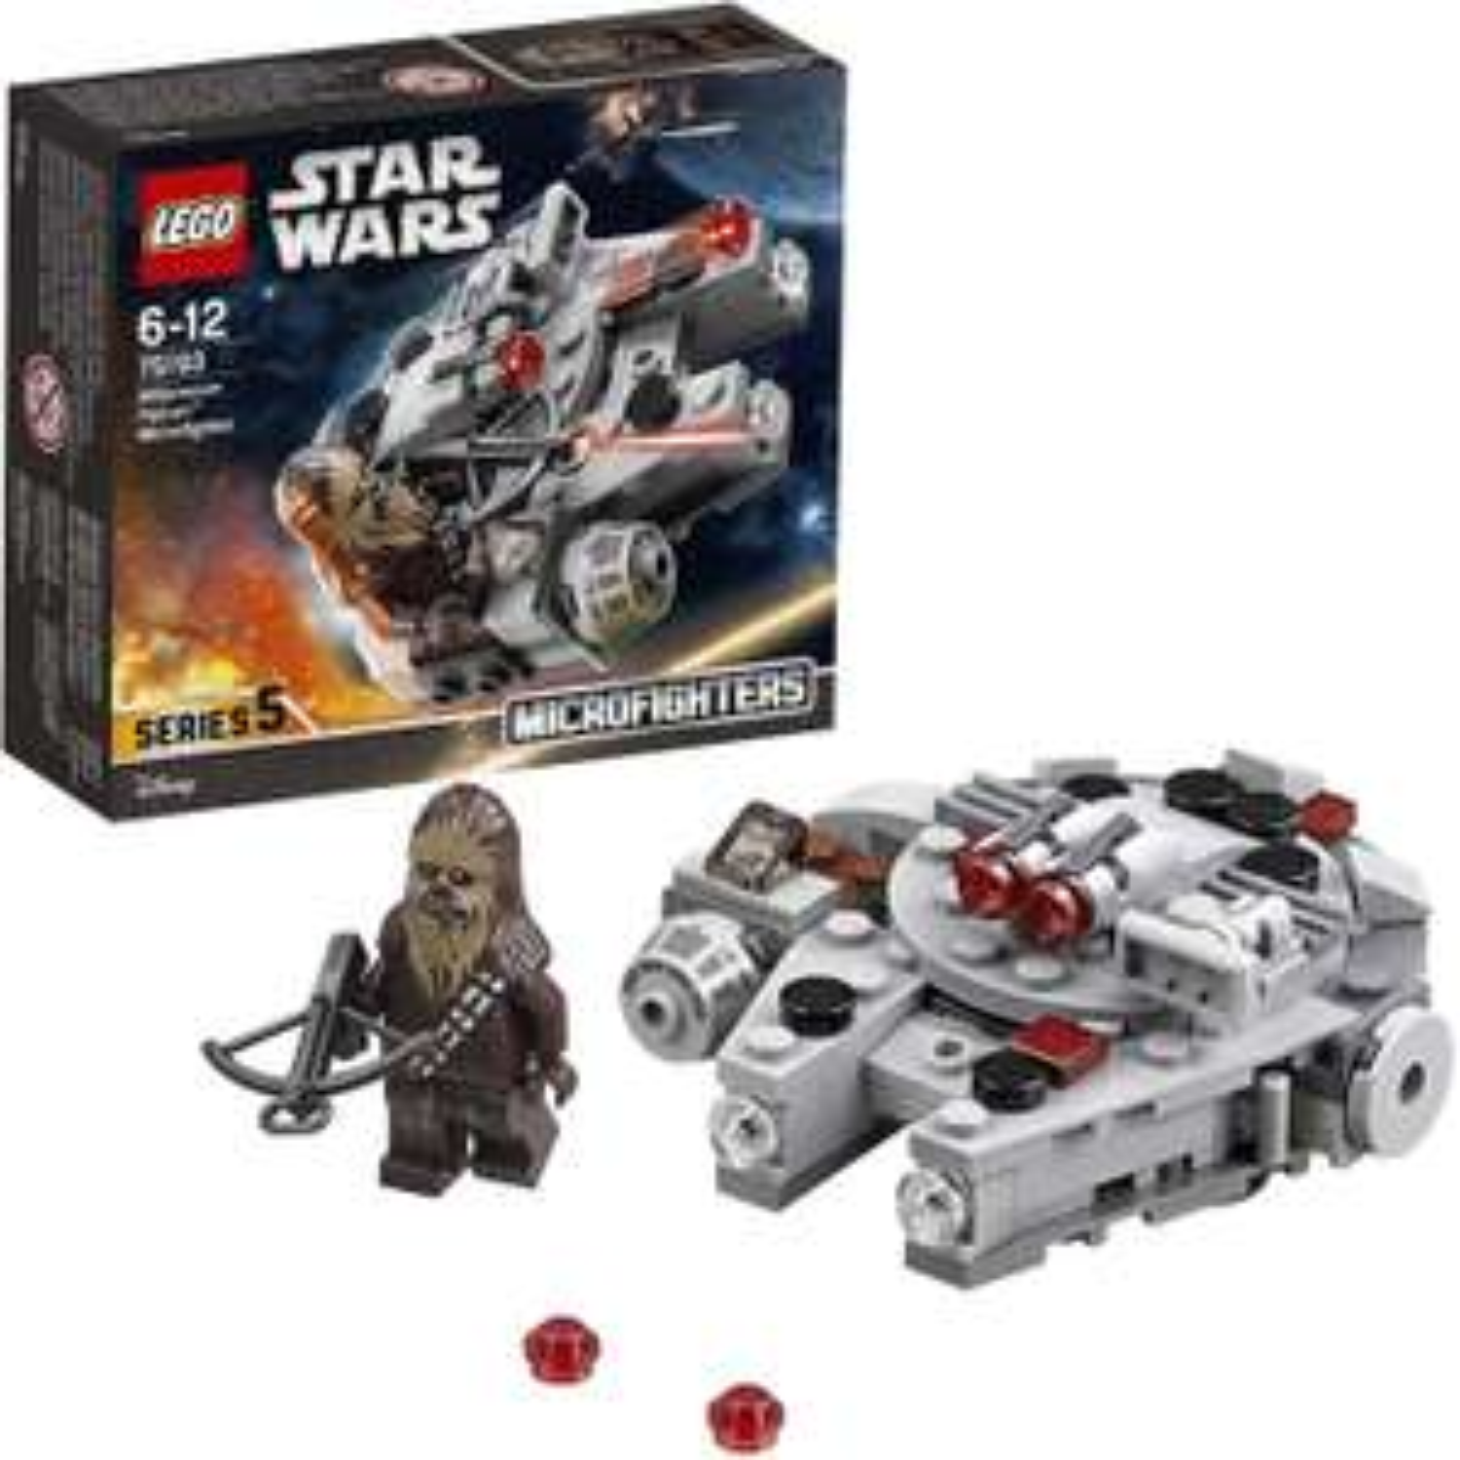 Lego 75193 Star Wars Millennium Falcon Microfighter £8.99 + £4.49 nonPrime Amazon